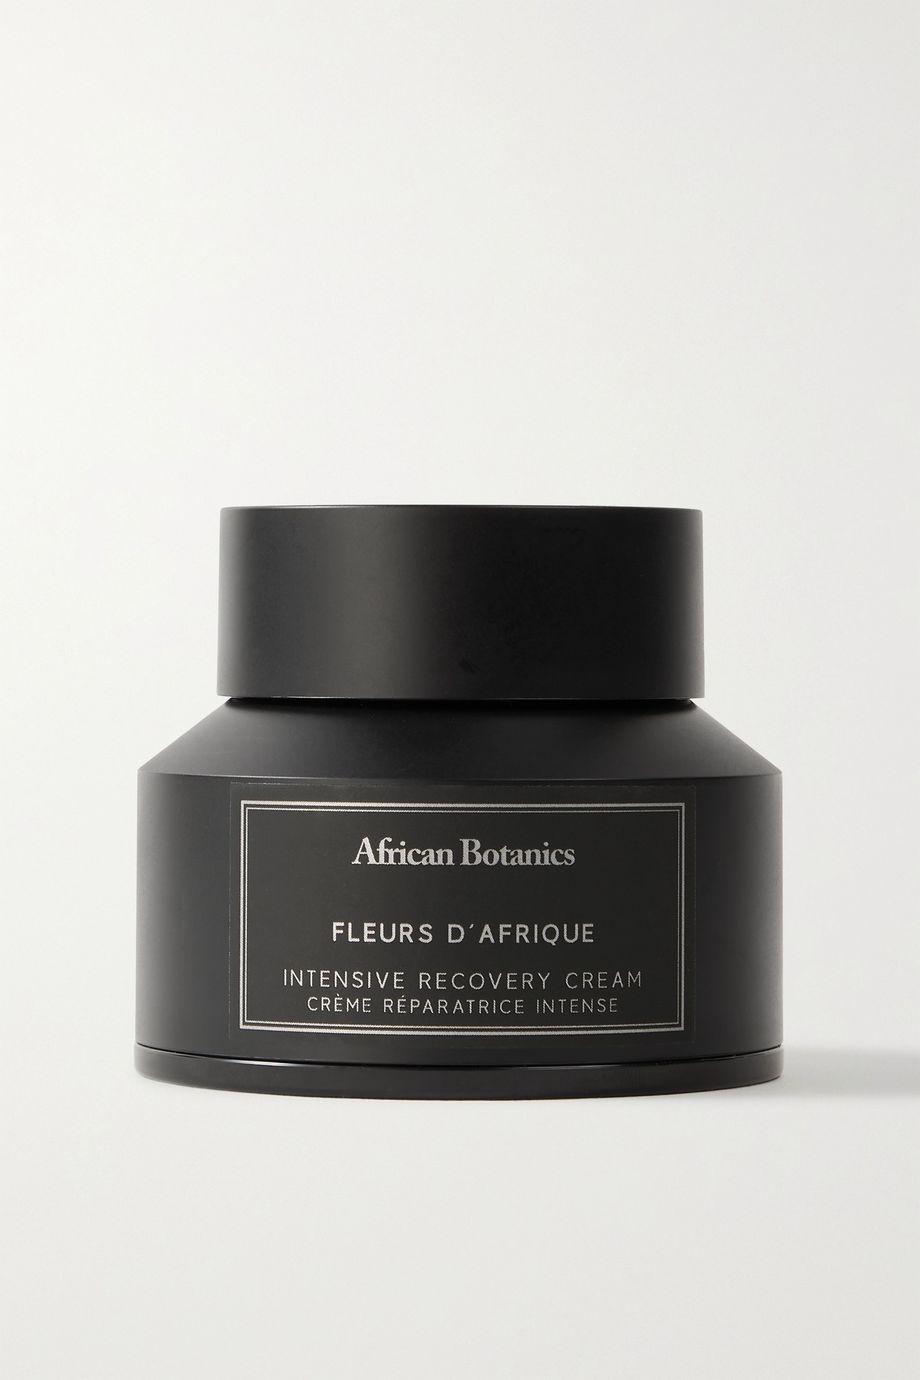 African Botanics Fleurs d'Afrique Intensive Recovery Cream, 60ml